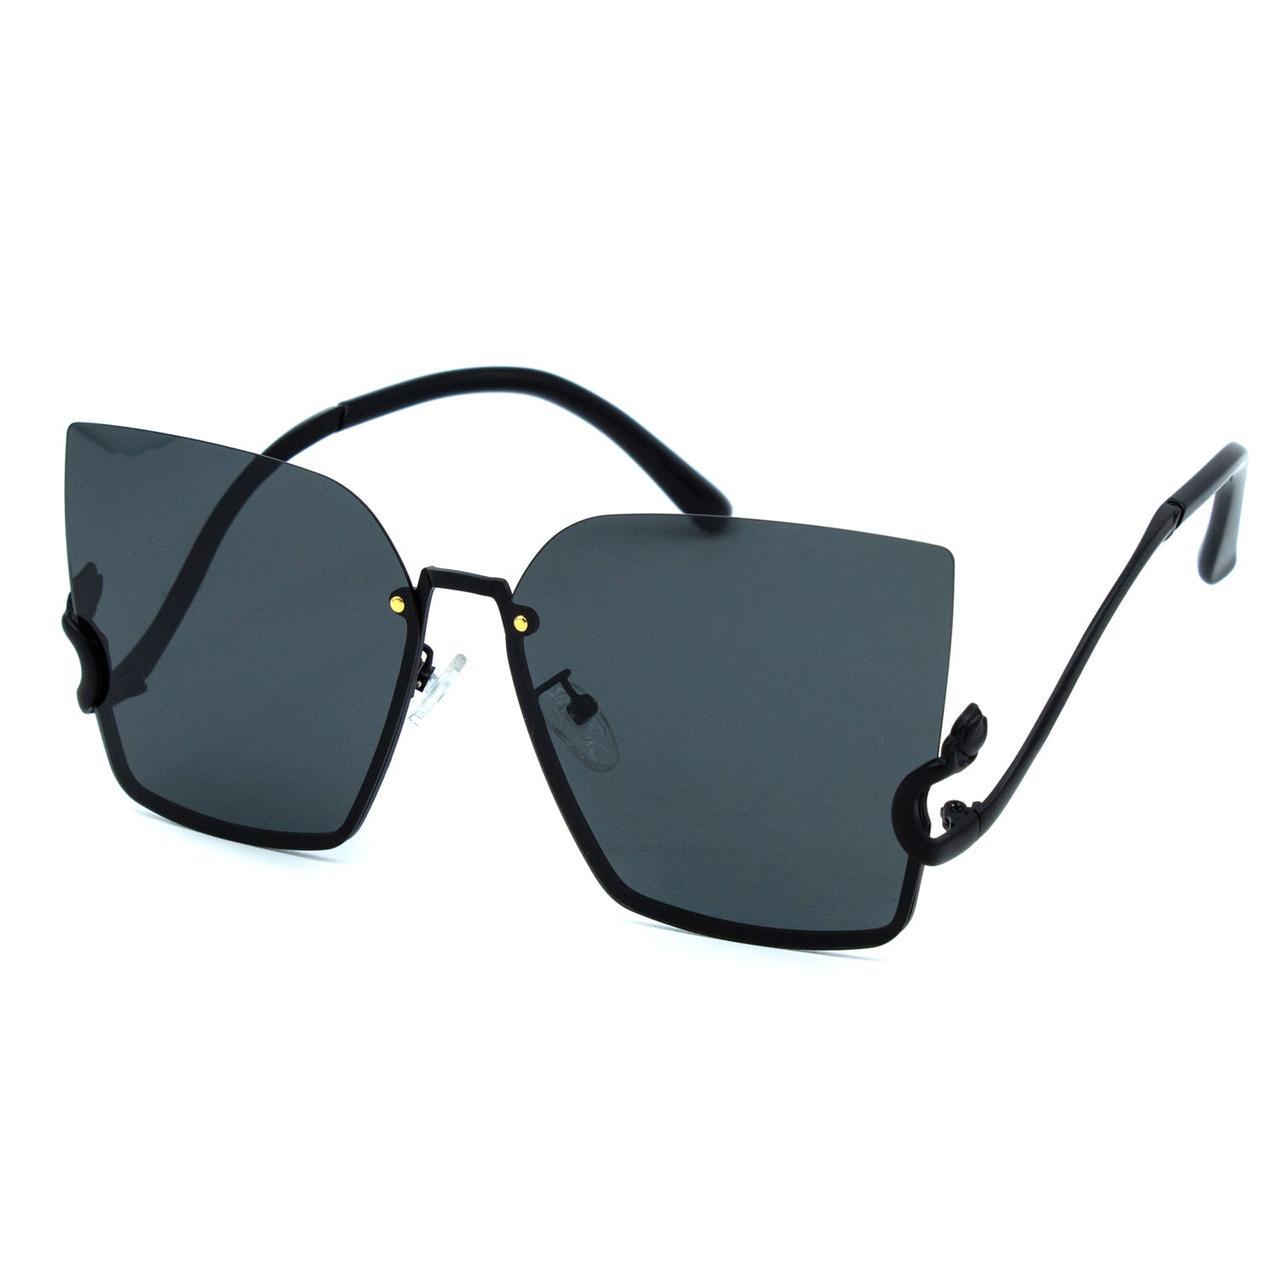 Сонцезахисні окуляри Marmilen 77005 C1 чорні ( 77005-01 )